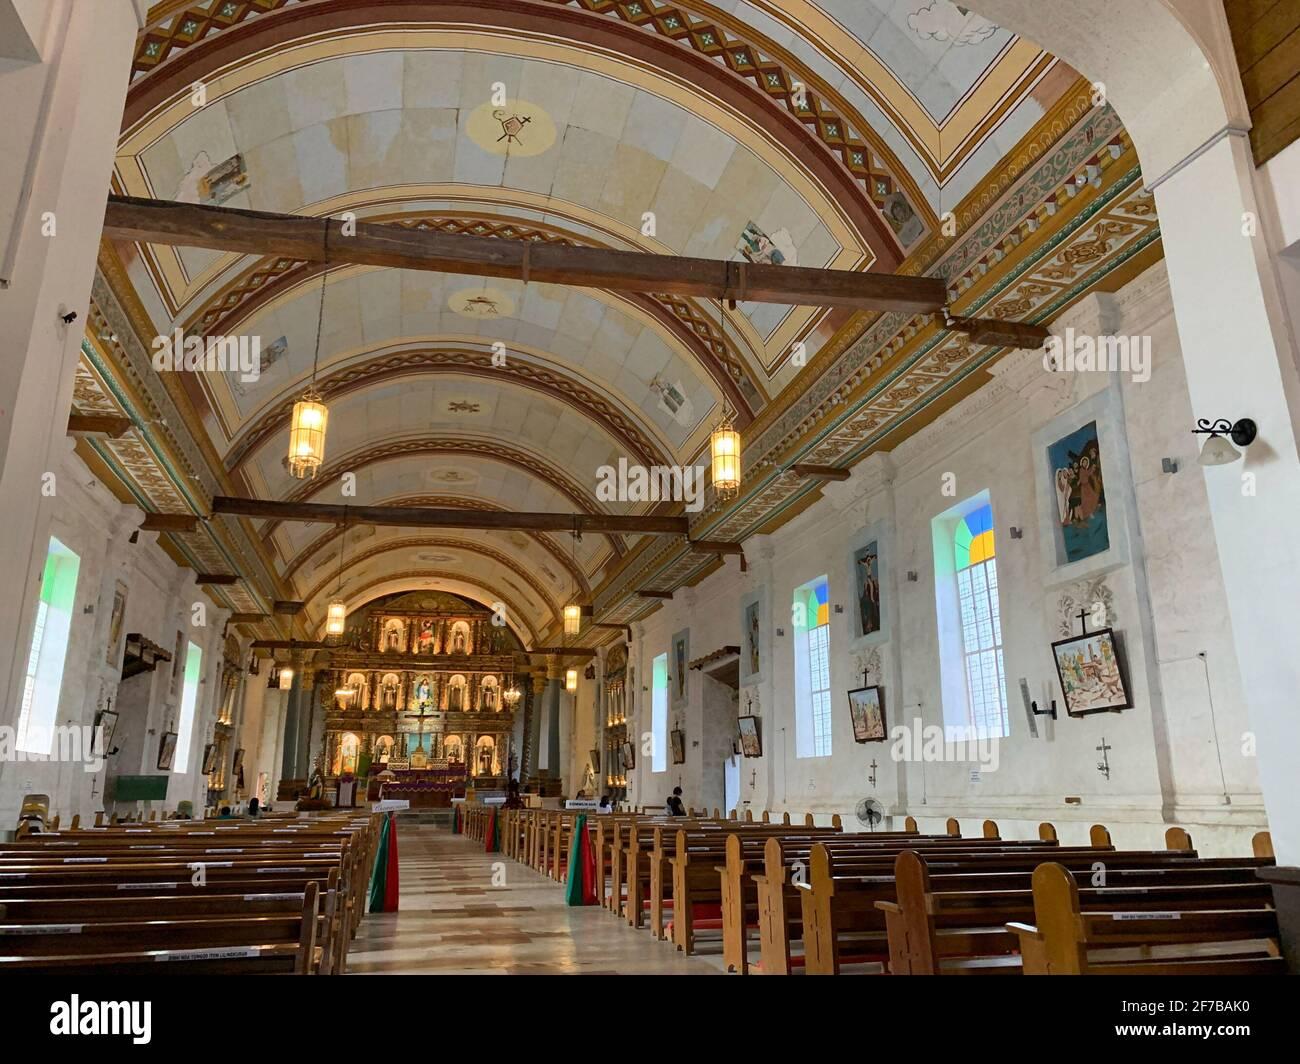 Dentro de la iglesia totalmente restaurada de la Inmaculada Concepción en el este de Samar Guyuan. Esta iglesia fue destruida durante el tifón Yolanda el 2013 pasado. Filipinas. Foto de stock